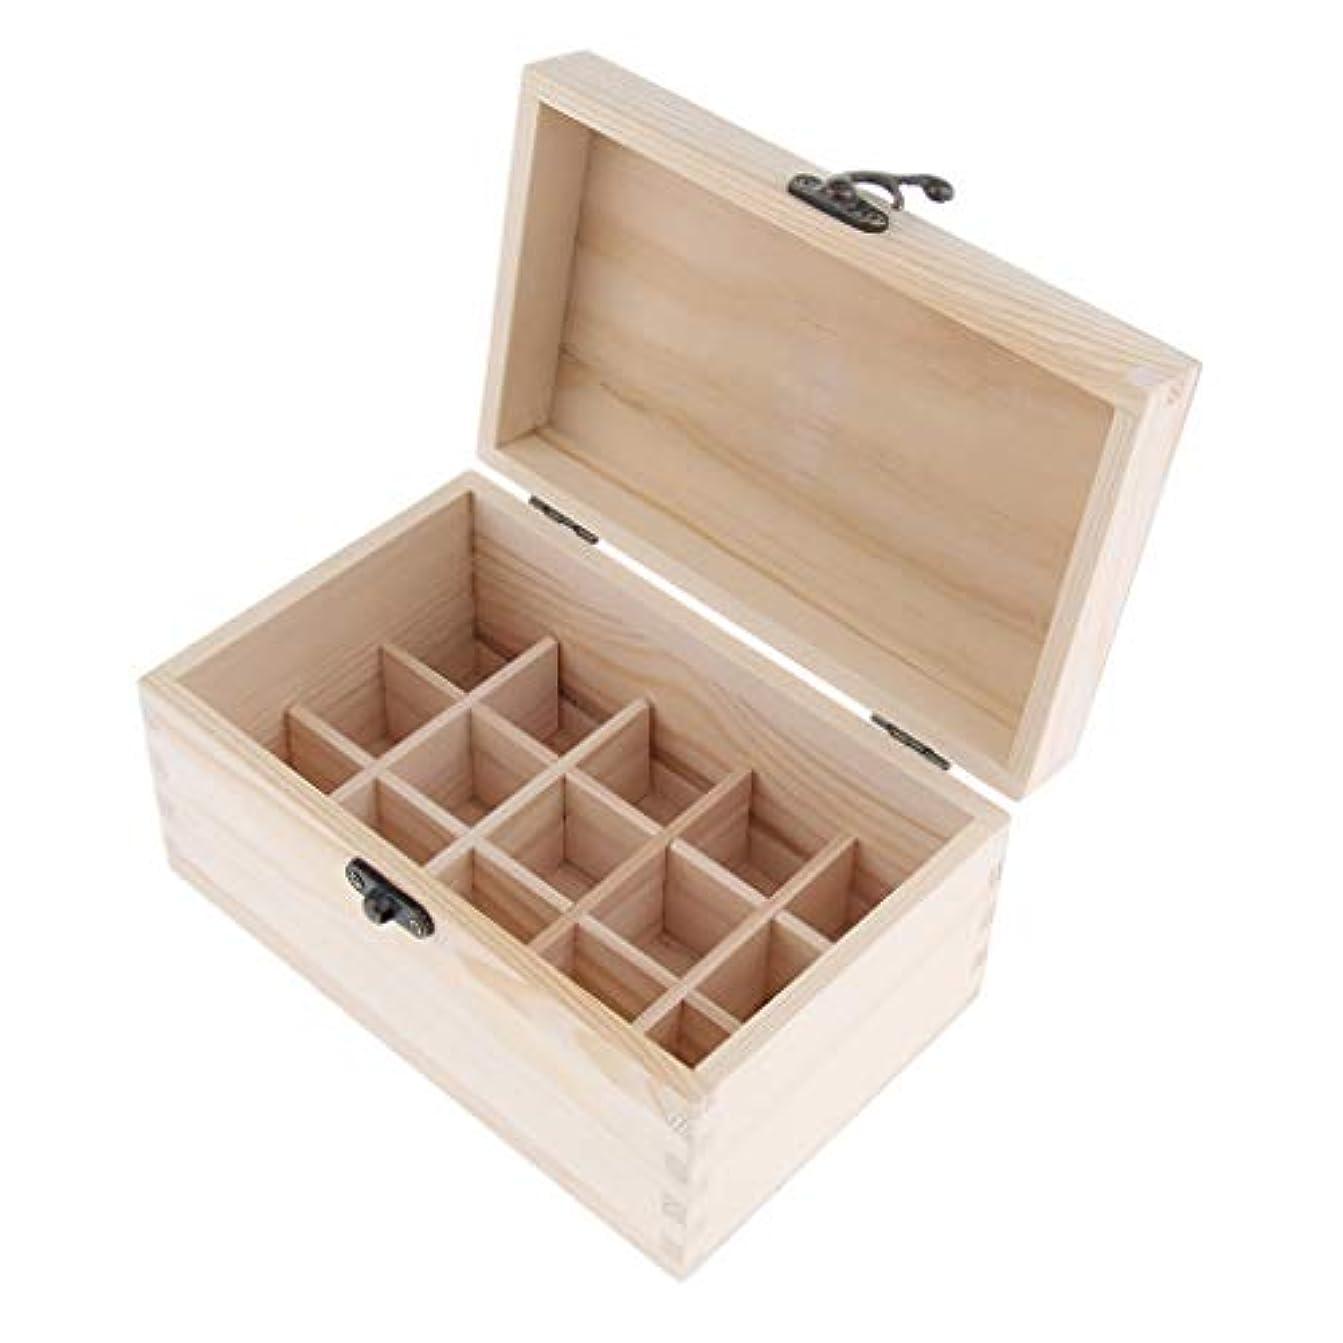 適合しましたポンプ線精油ケース 化粧品収納ボックス 15仕切り 木製 エッセンシャルオイル コンパクト 携帯便利 実用性